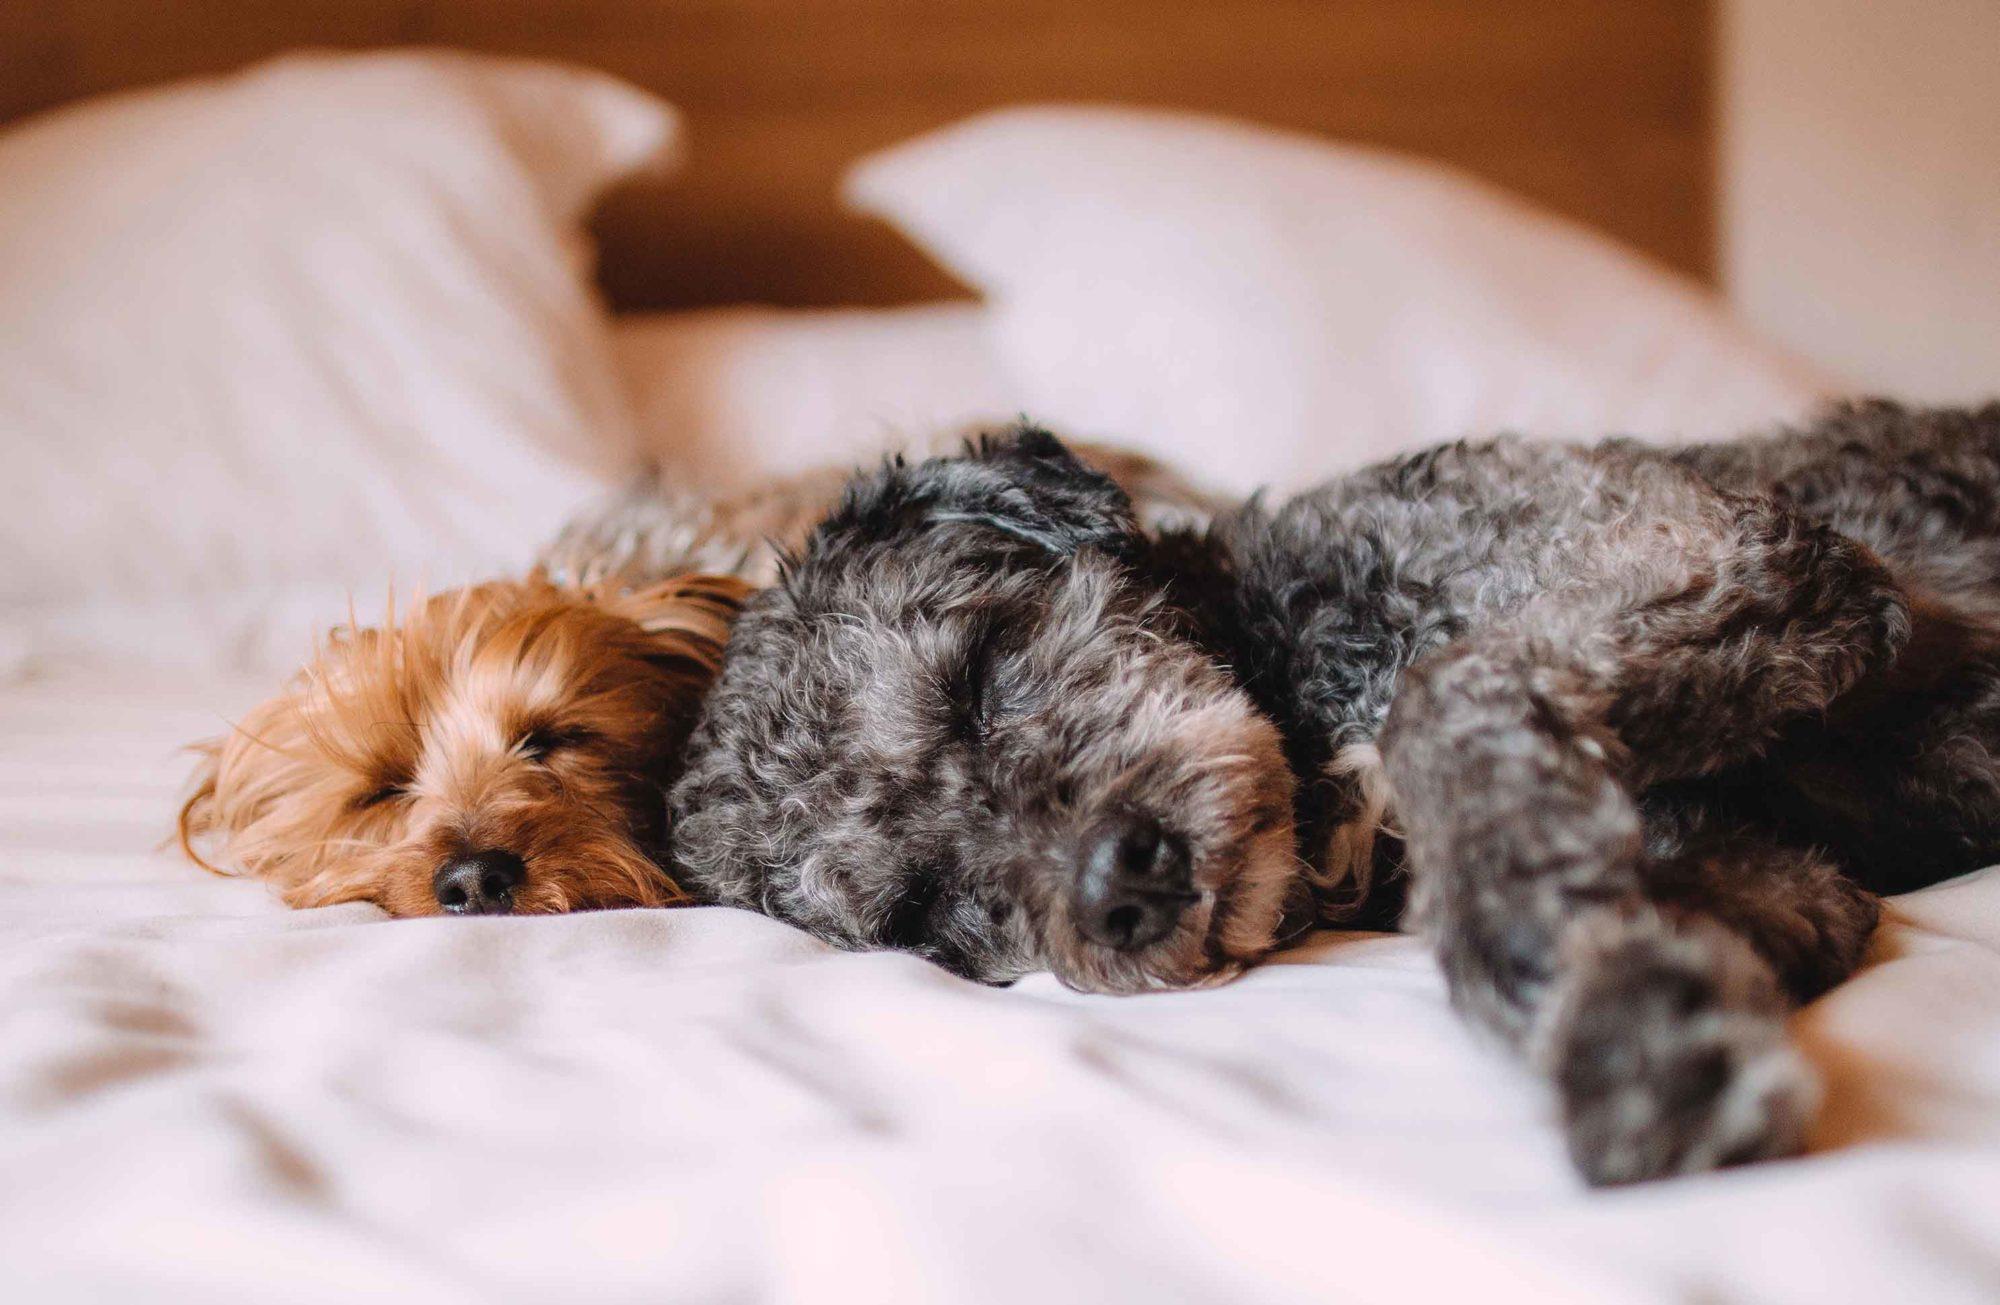 deux chiens endormis sur un lit